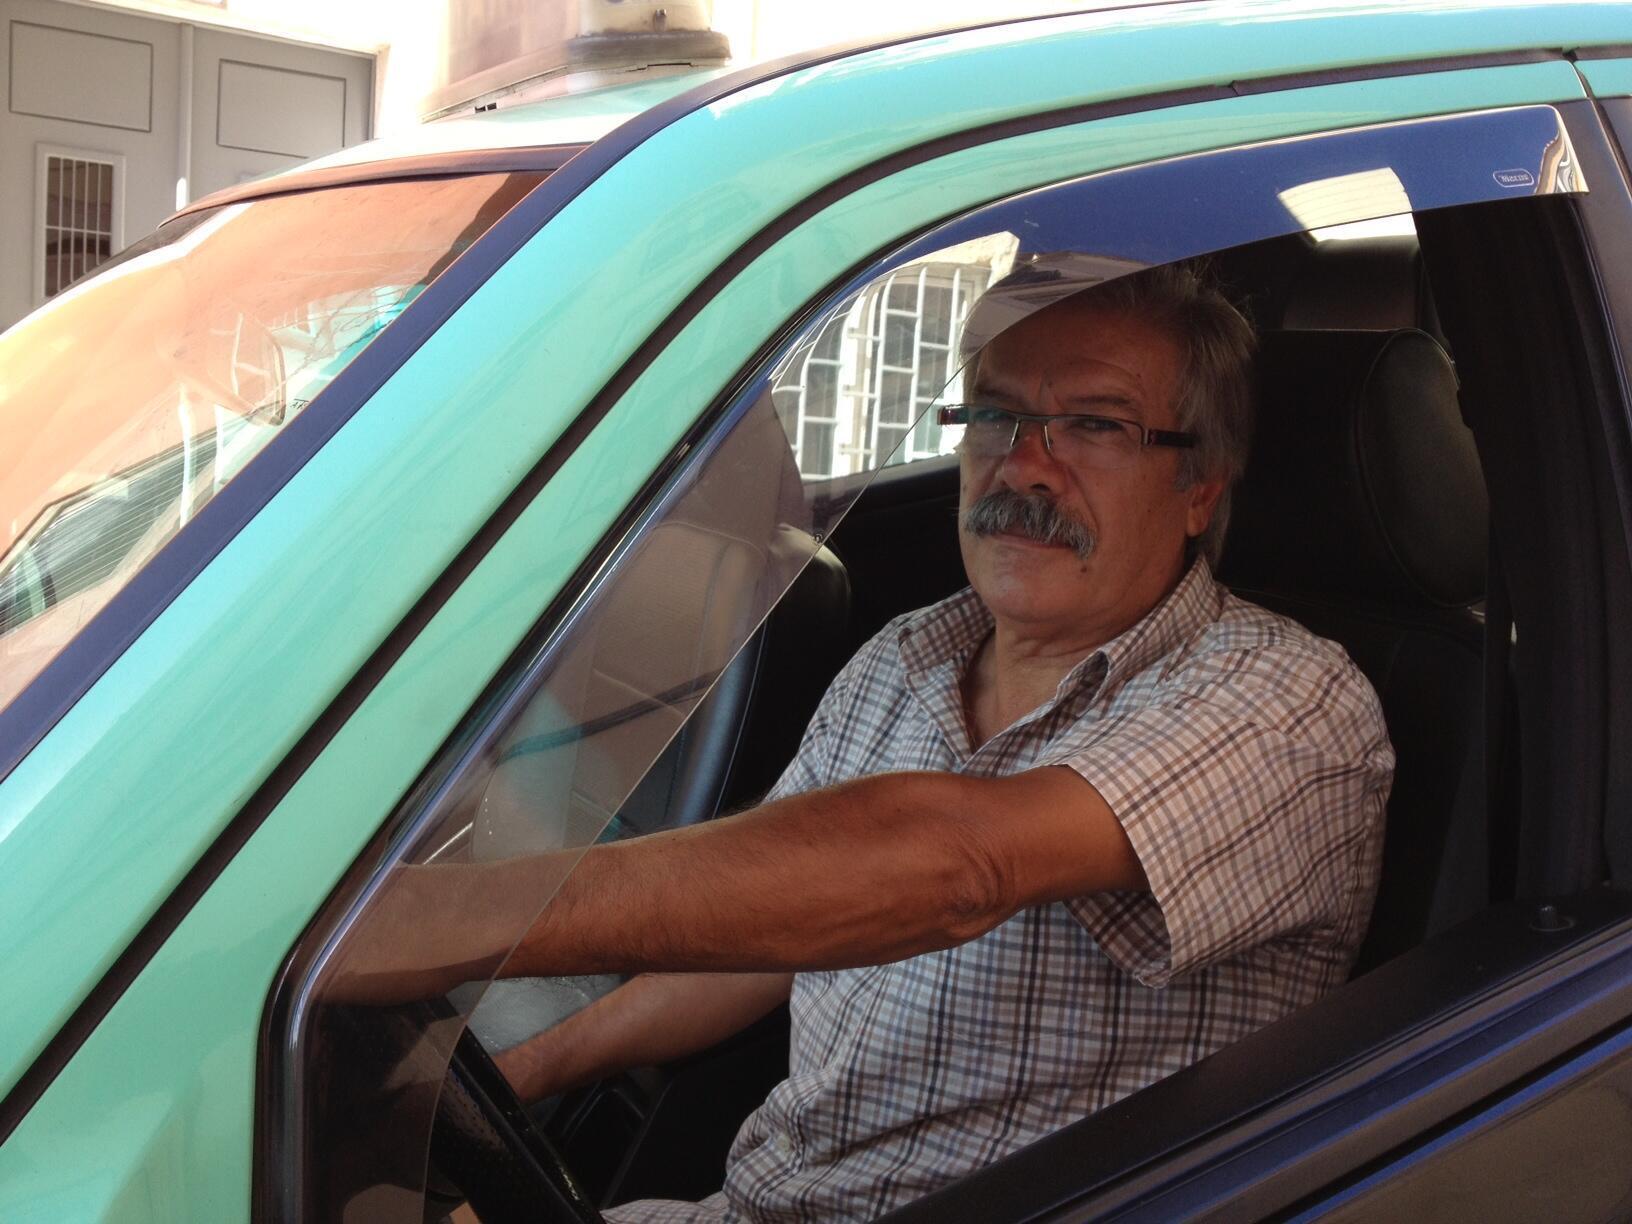 Foto ilustrativa de um motorista de taxi.